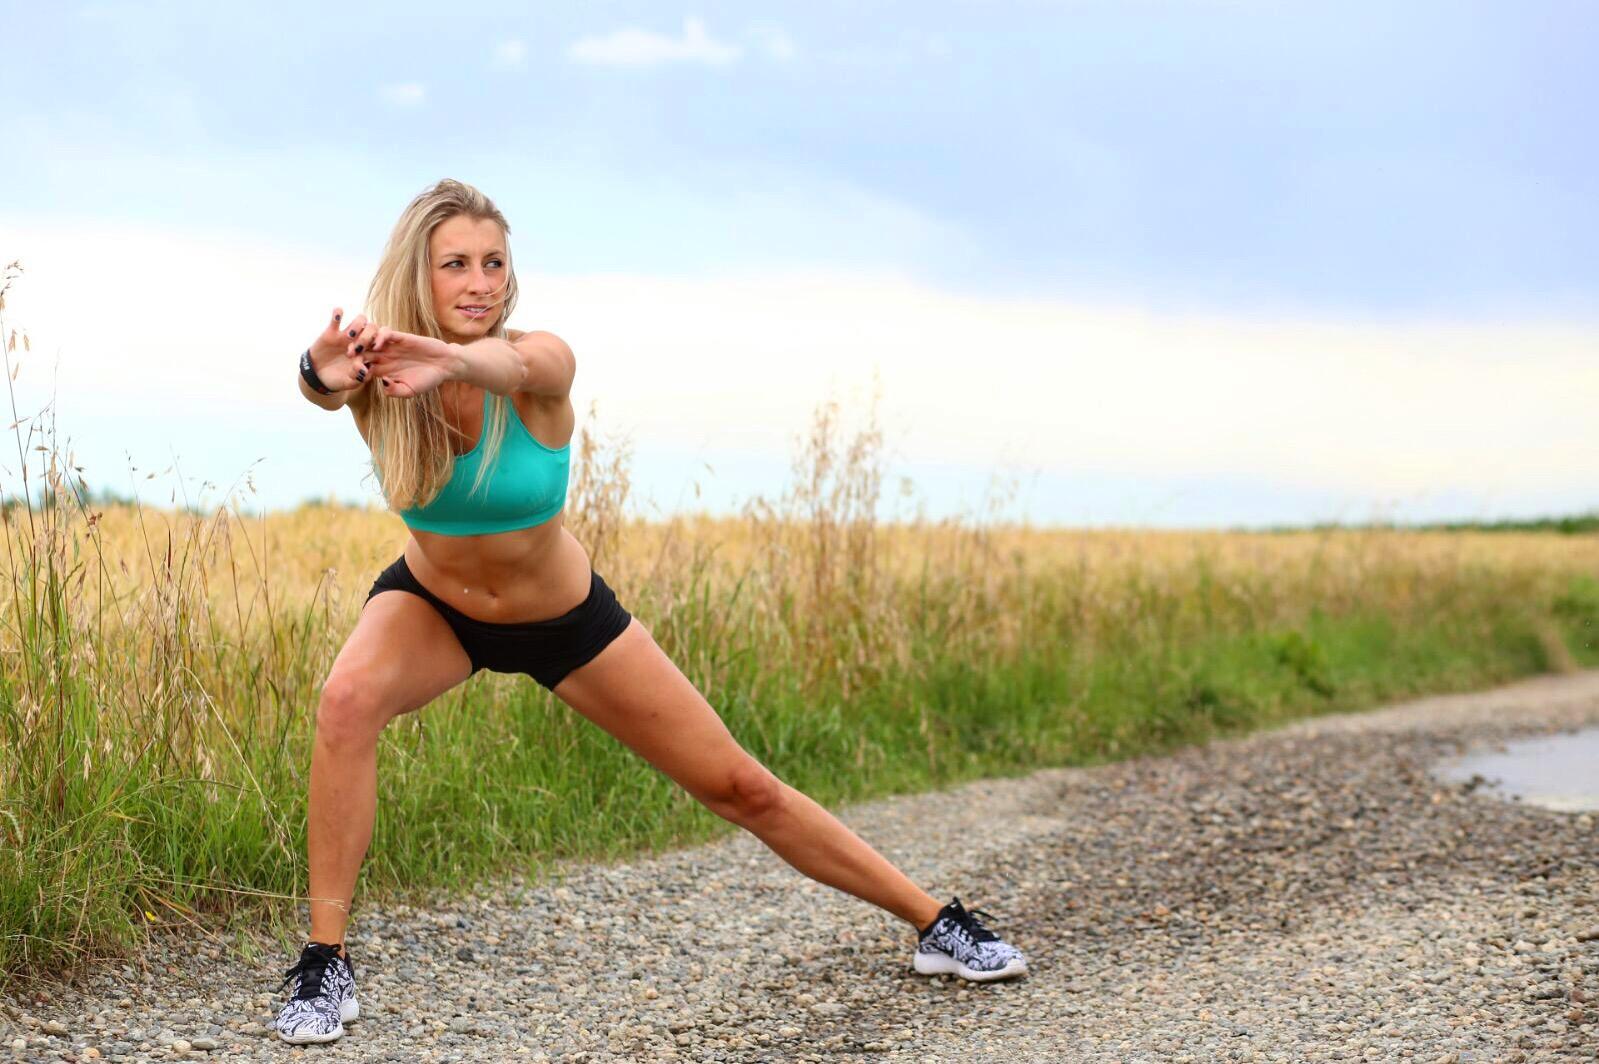 Stretching ed allenamento Outdoor. Non rinunciate piuttosto diversificate i posti. PH MOMI.BRAND